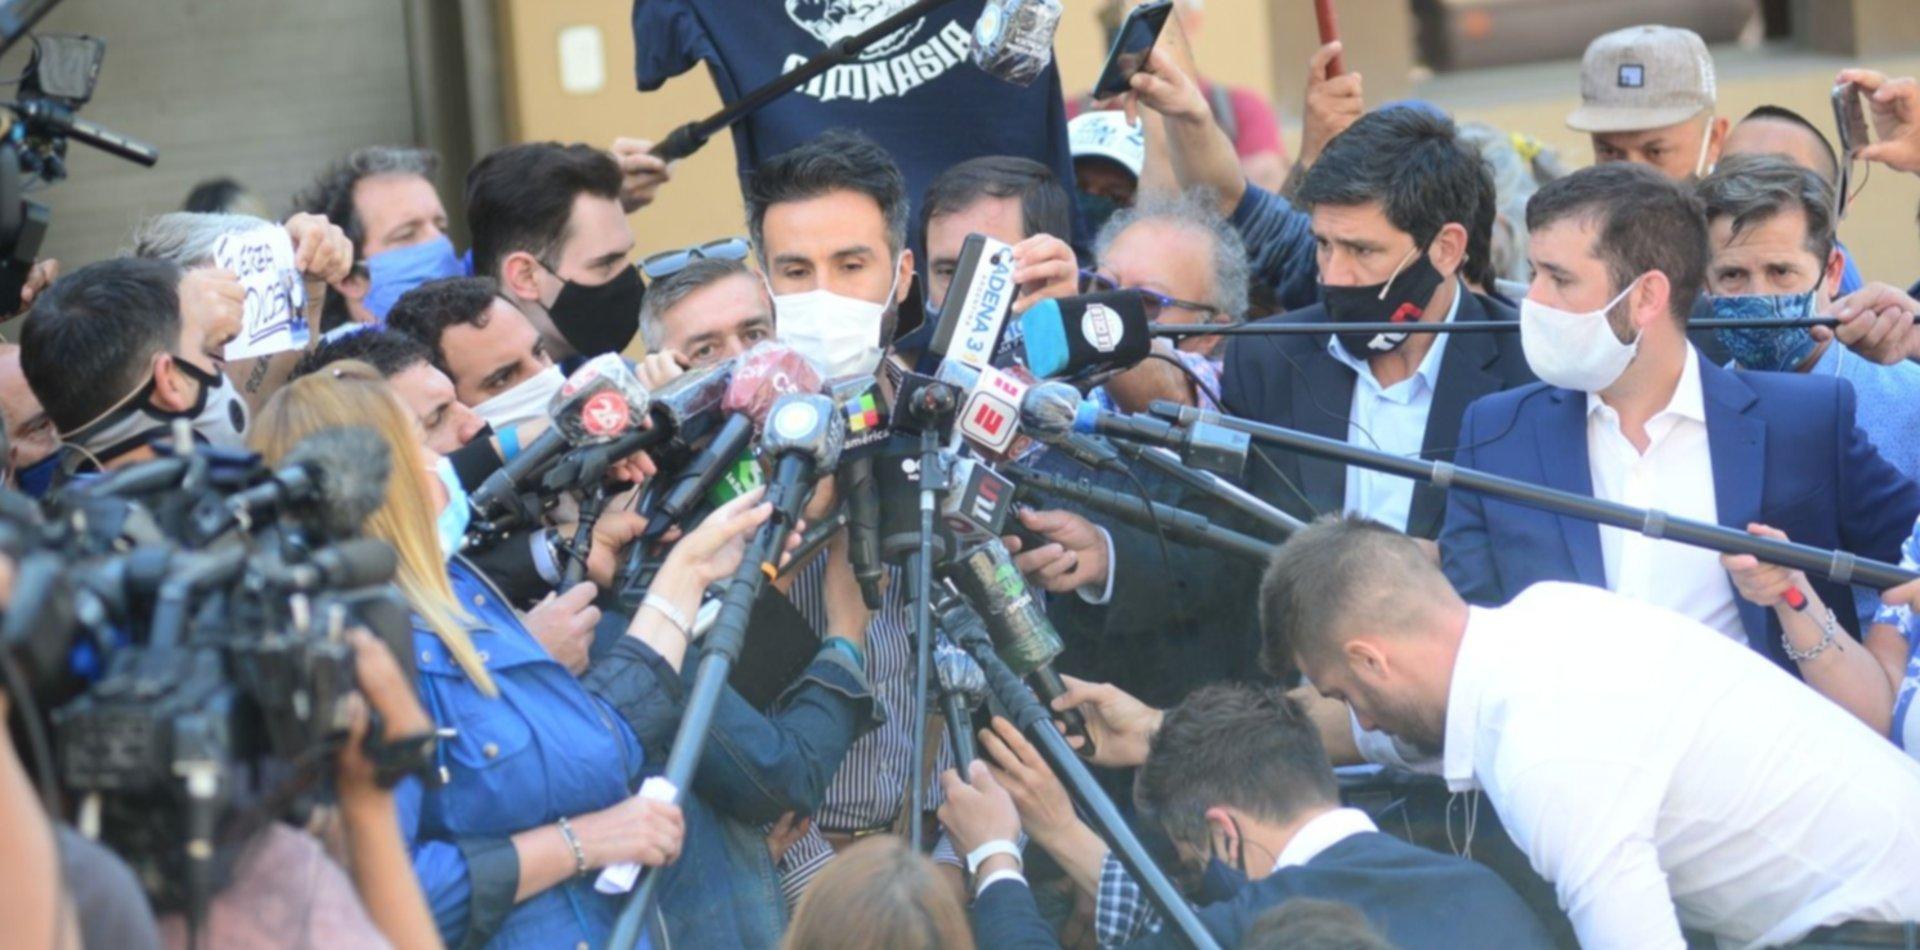 Tras la pericia oficial comprueban que el médico Luque falsificó la firma de Maradona